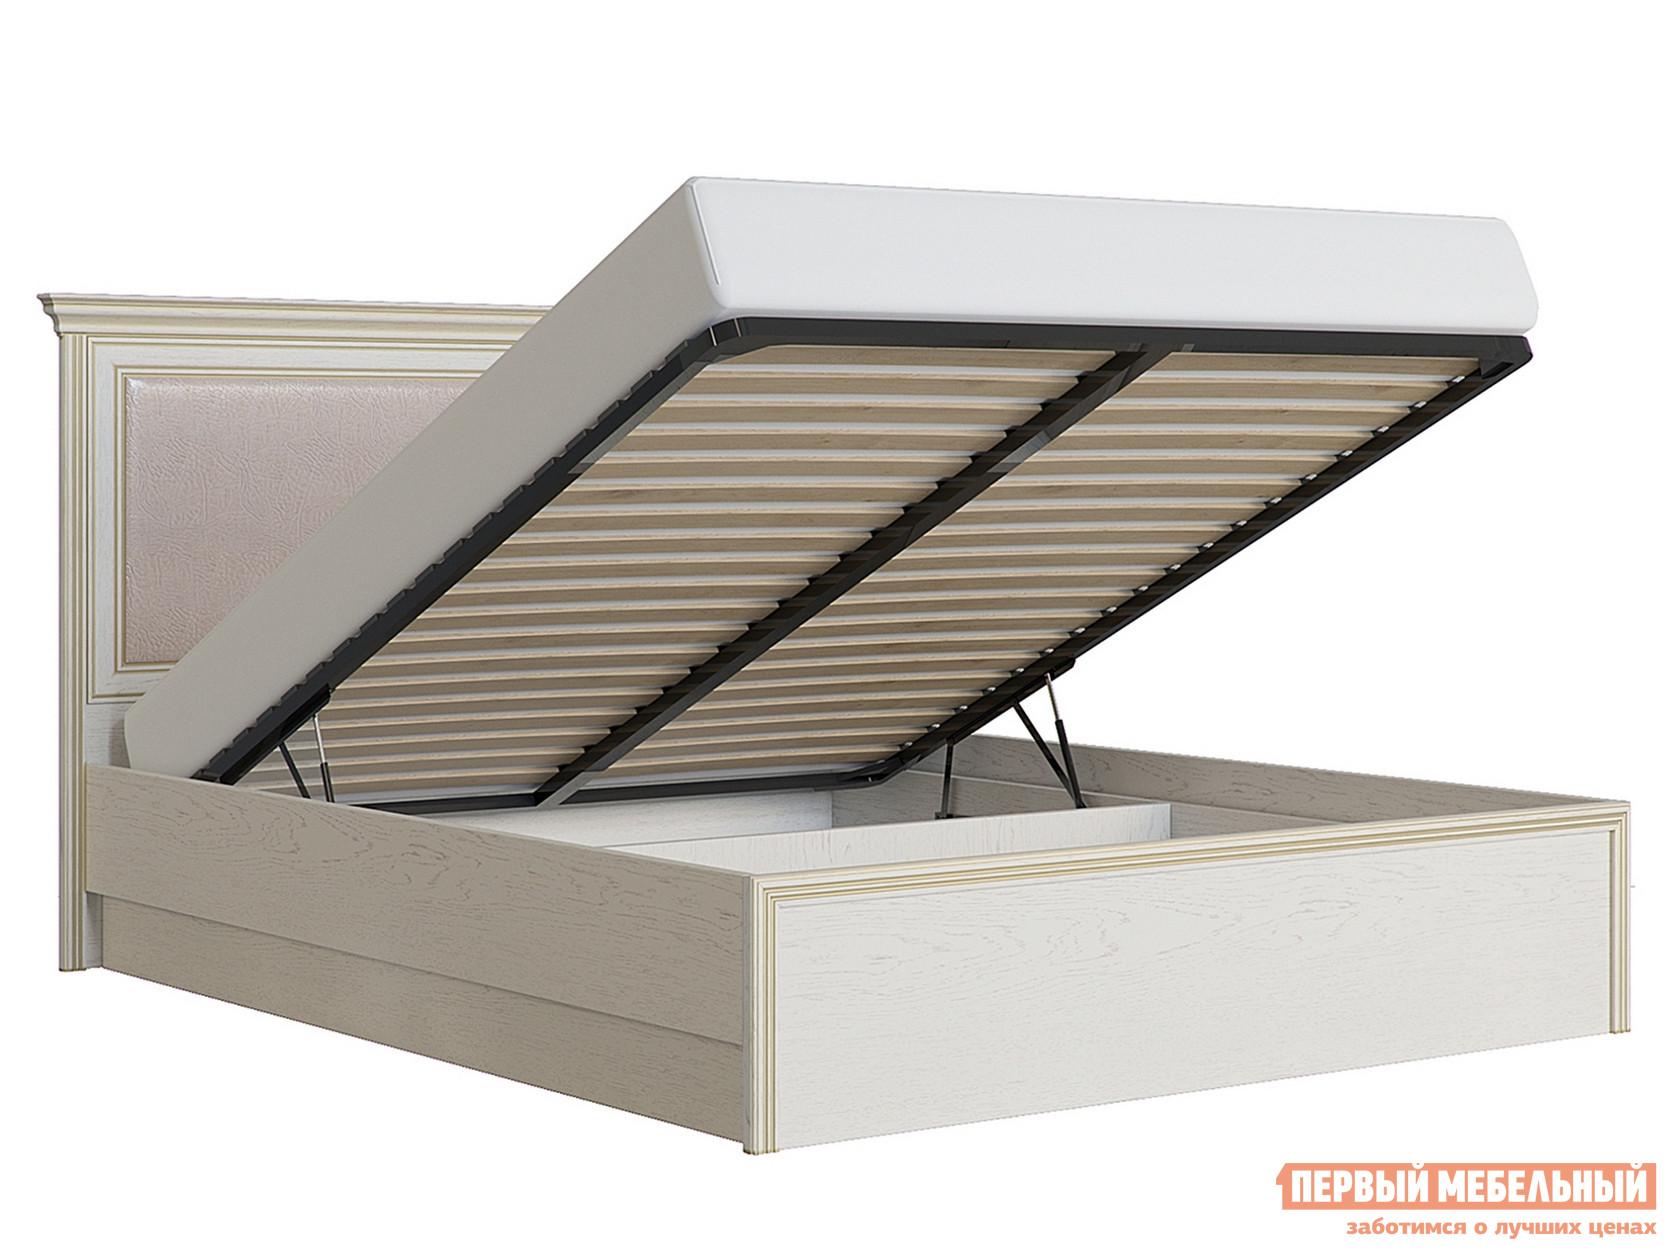 Полутороспальная кровать с подъемным механизмом Первый Мебельный Кровать с подъемным механизмом Венето 140х200